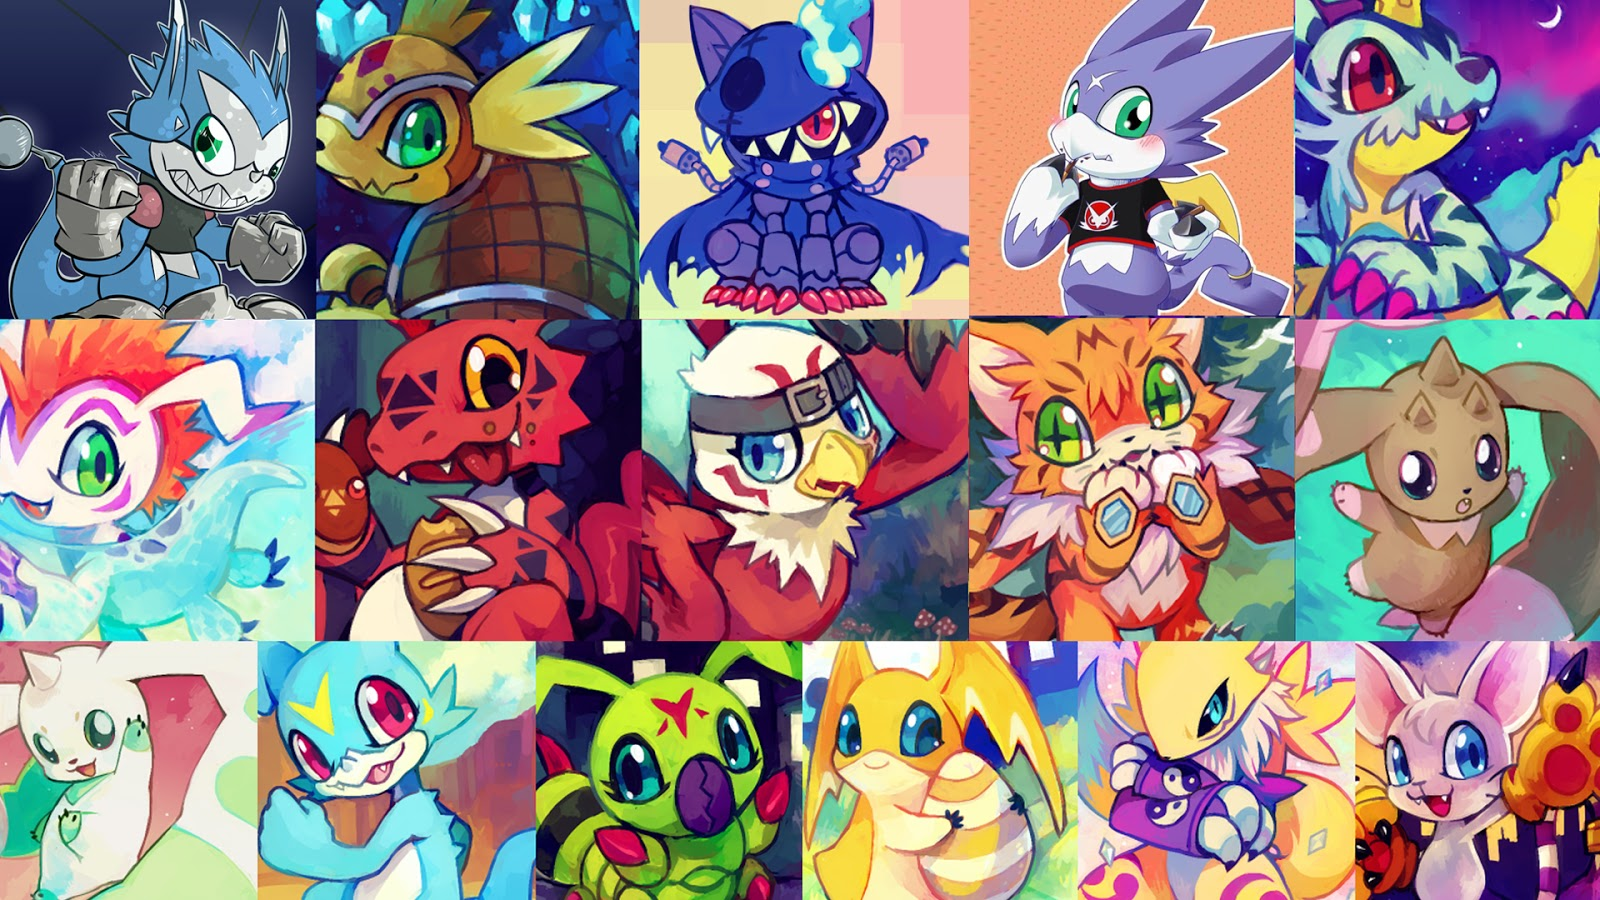 Risultati immagini per Digimon Toei Wallpaper Anniversary